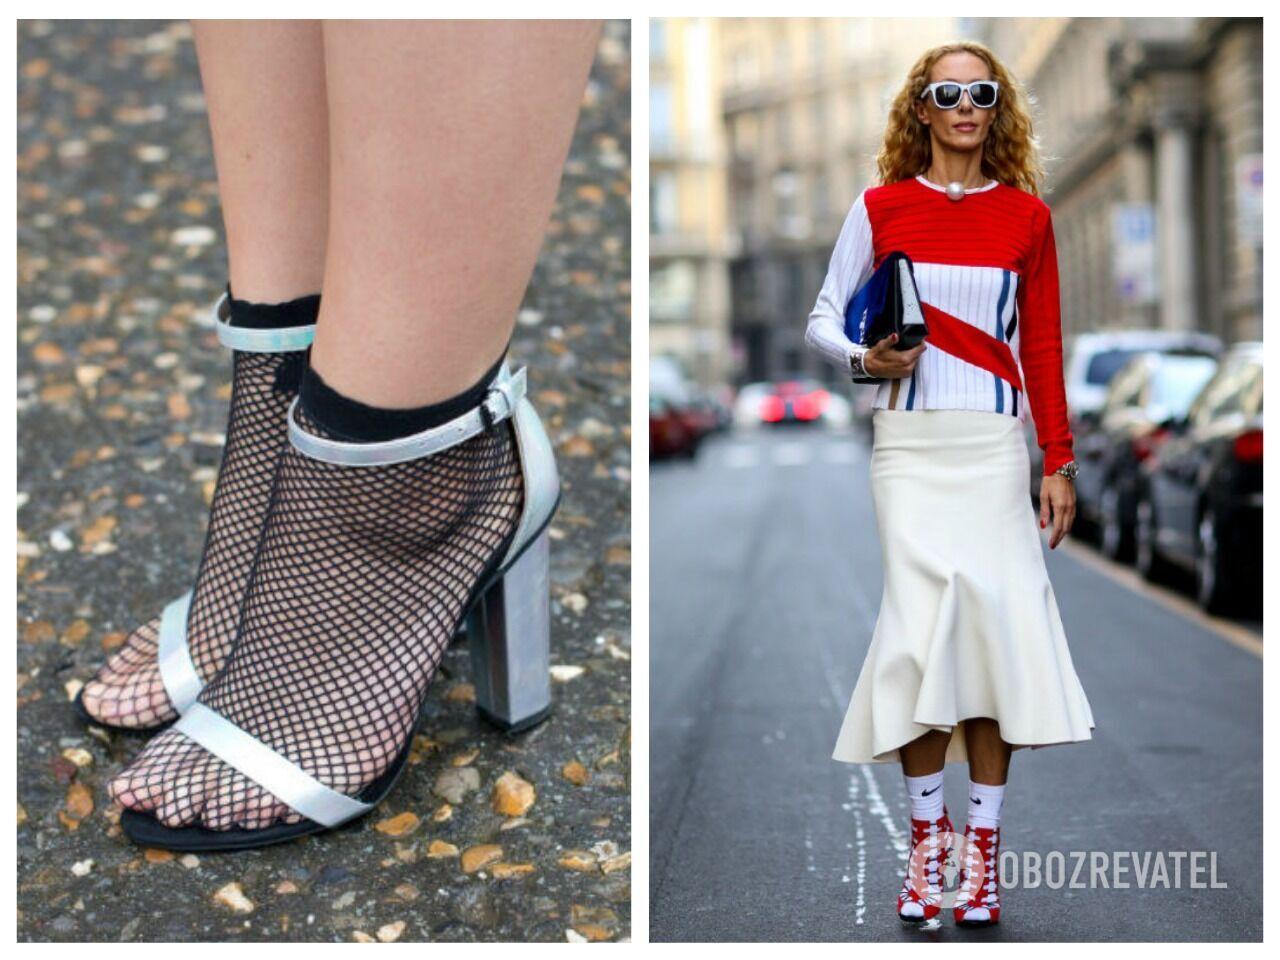 Слева неправильный подбор носков и босоножек, а справа – удачный образ с носками